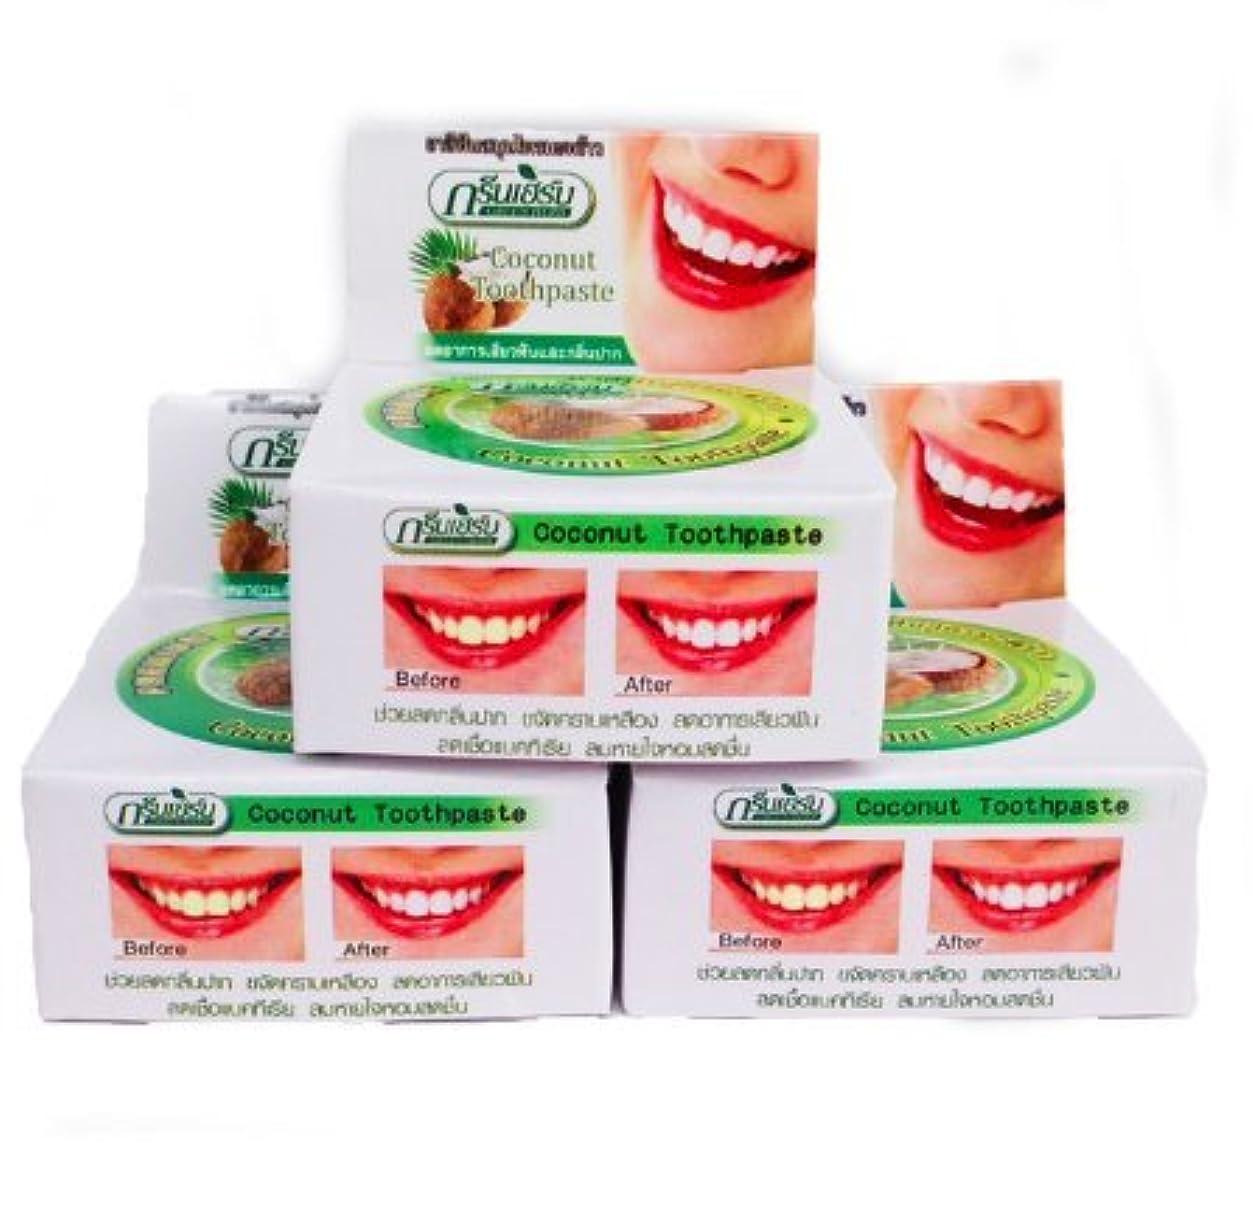 キャップ通行料金イースターASN ハーブ歯磨き粉 10g Thailand Coconut Toothpastes Herbal Clove Toothpaste Teeth Whitening Care 3 pcs. by ASN